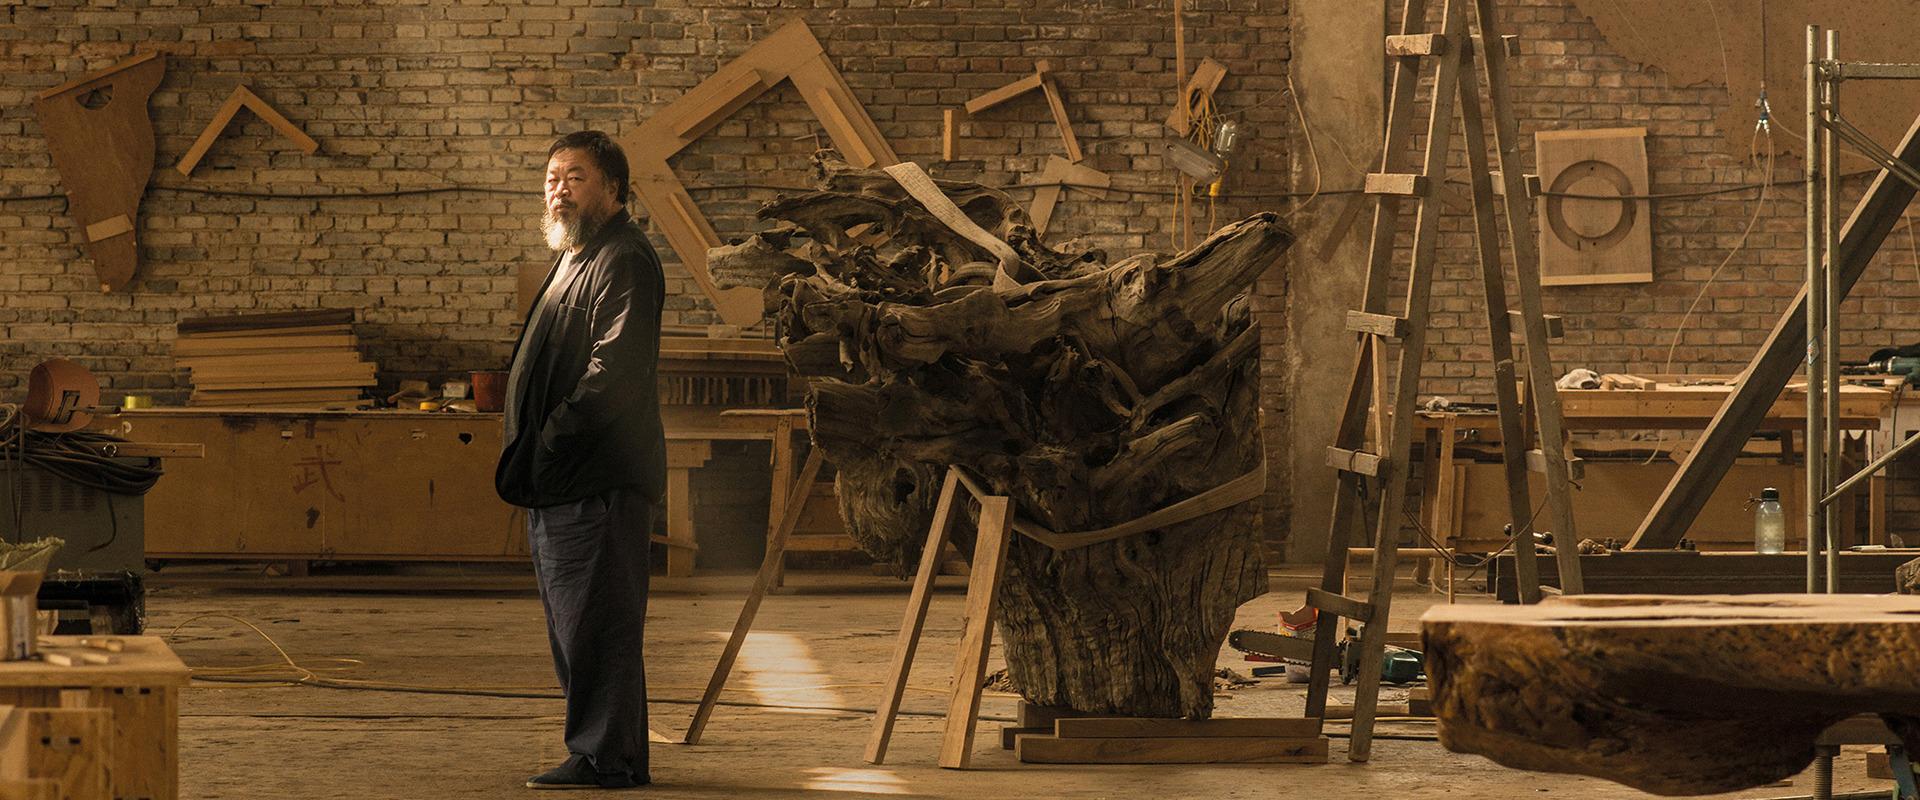 В мастерской Ай Вэй Вэя. Фото: artsy.net